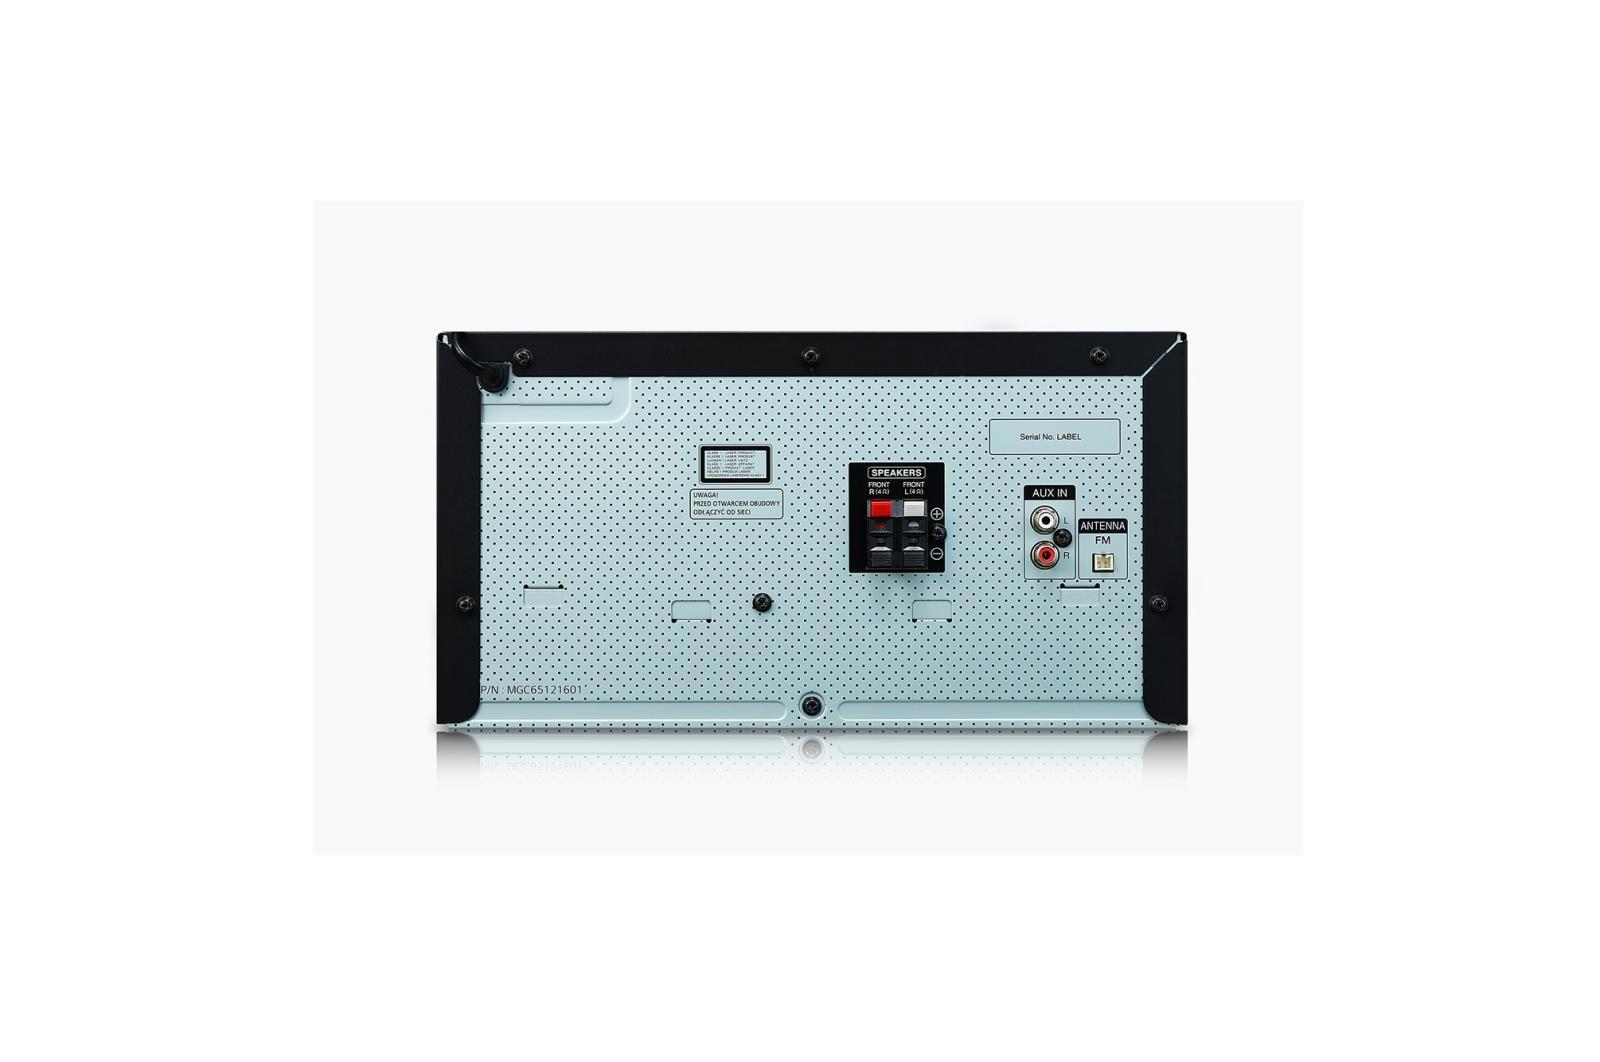 LG CK43: LG XBOOM 300W Hi-Fi Shelf System | LG USA